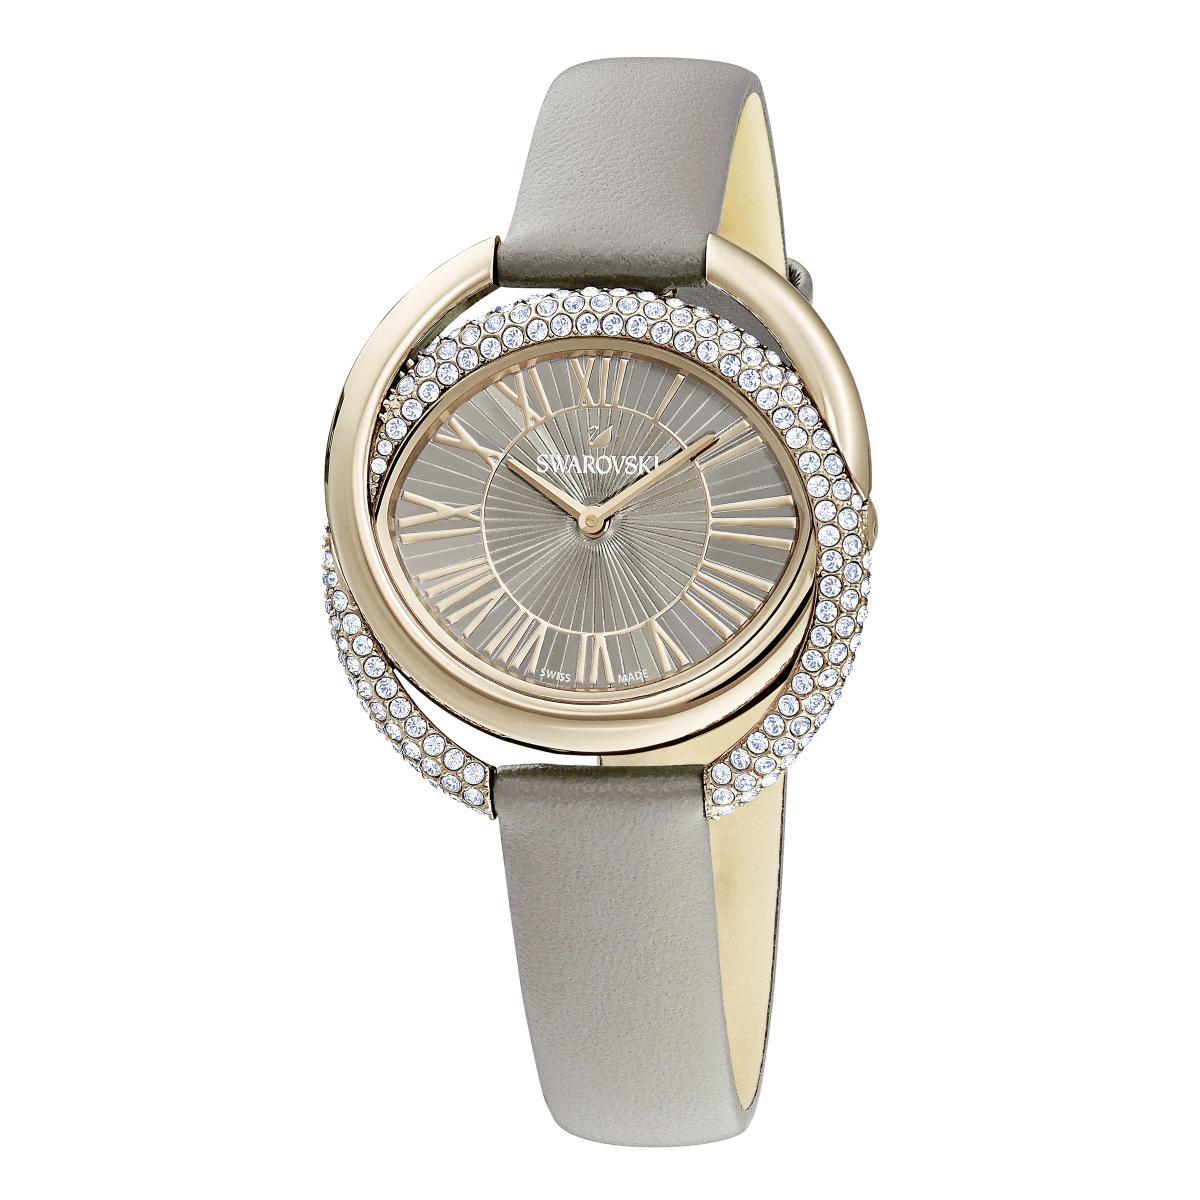 Montre Swarovski 5484382 - DUO Bracelet Cuir De Veau Gris Boîtier Acier  Anneaux Entremêlés Cristaux Sertis Micro-Pavé Femme